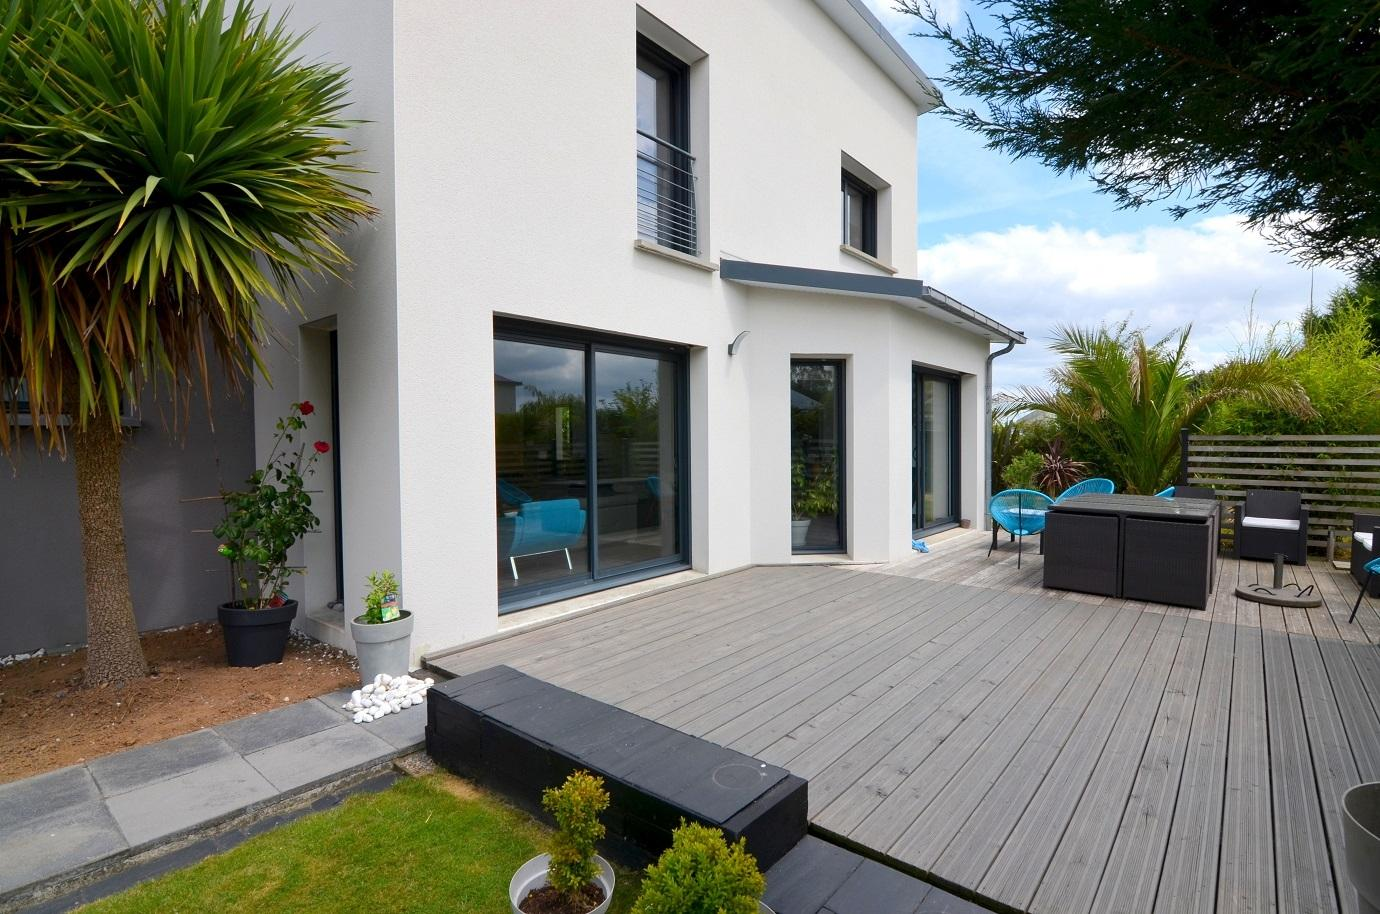 Ravissante contemporaine BBC de 166m² avec 4 chambres, terrasses, garage et jardin paysagé